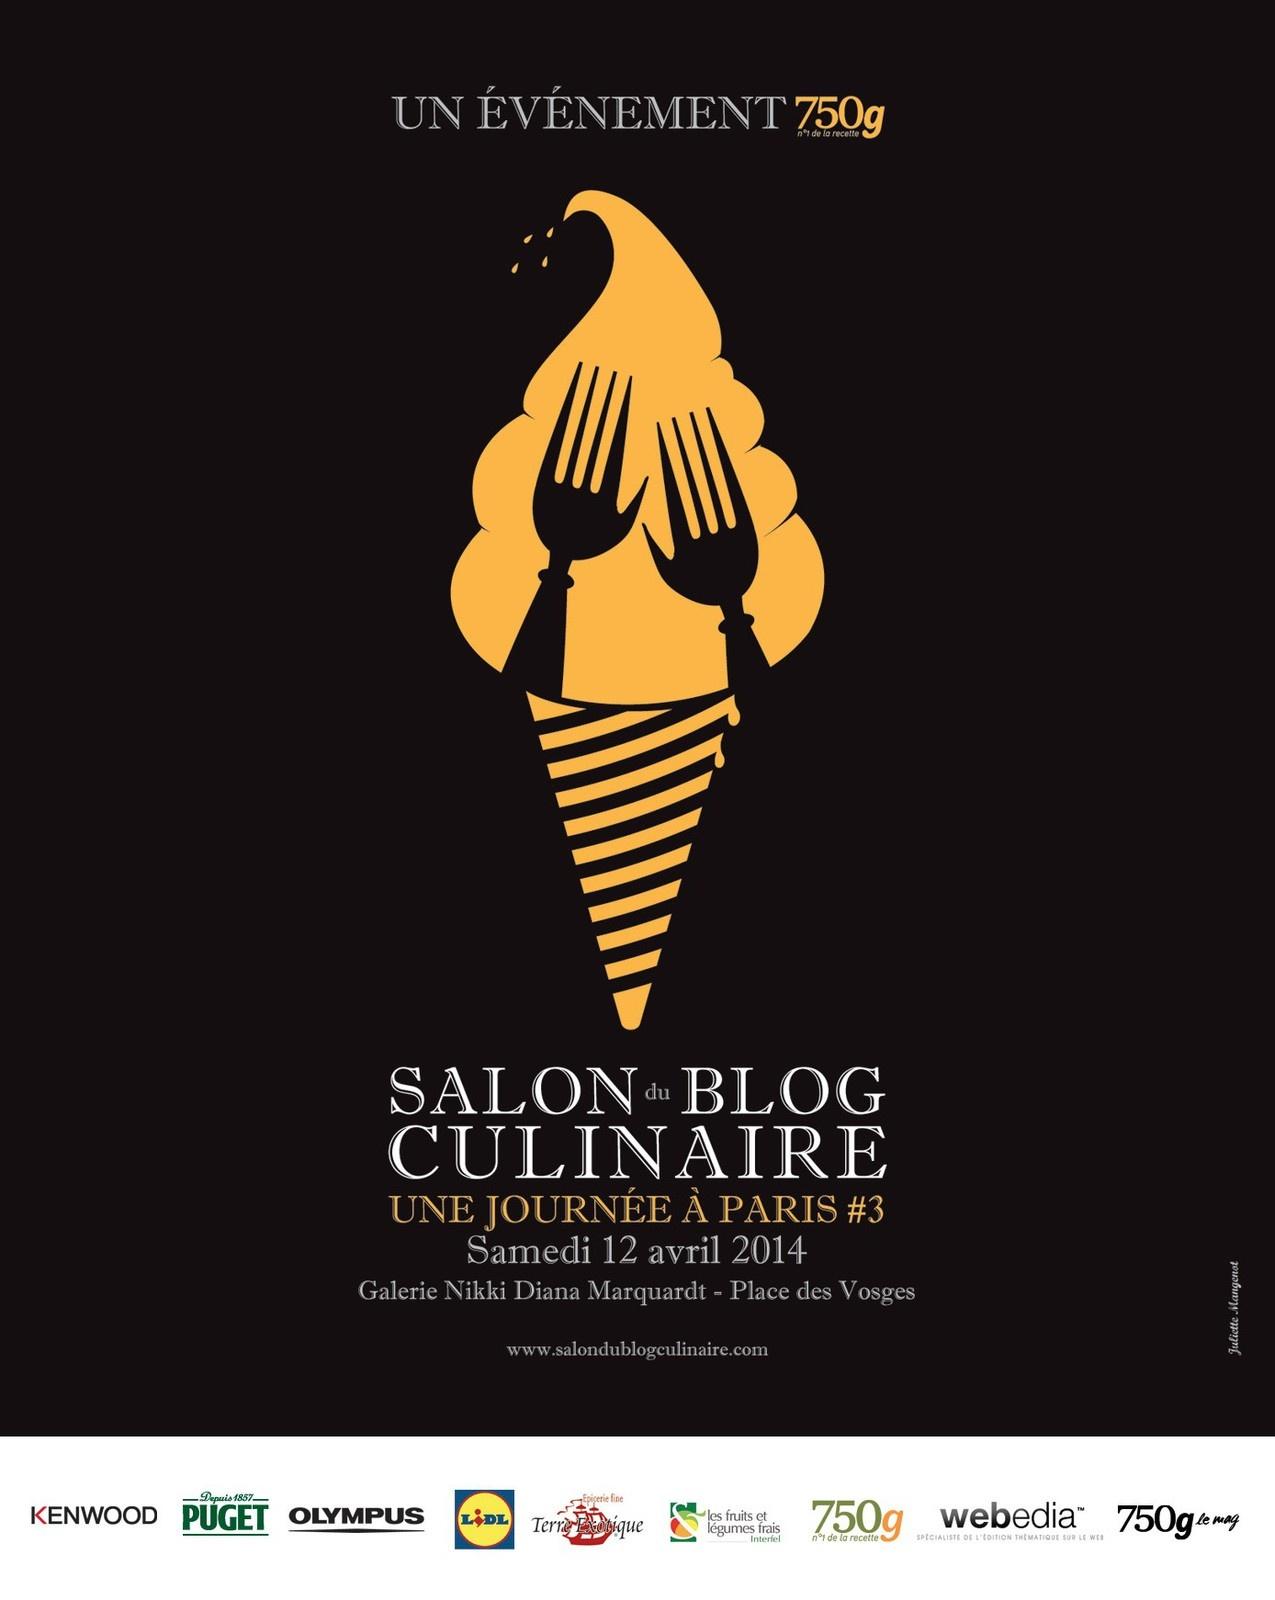 Salon du blog culinaire, une journée à Paris #3